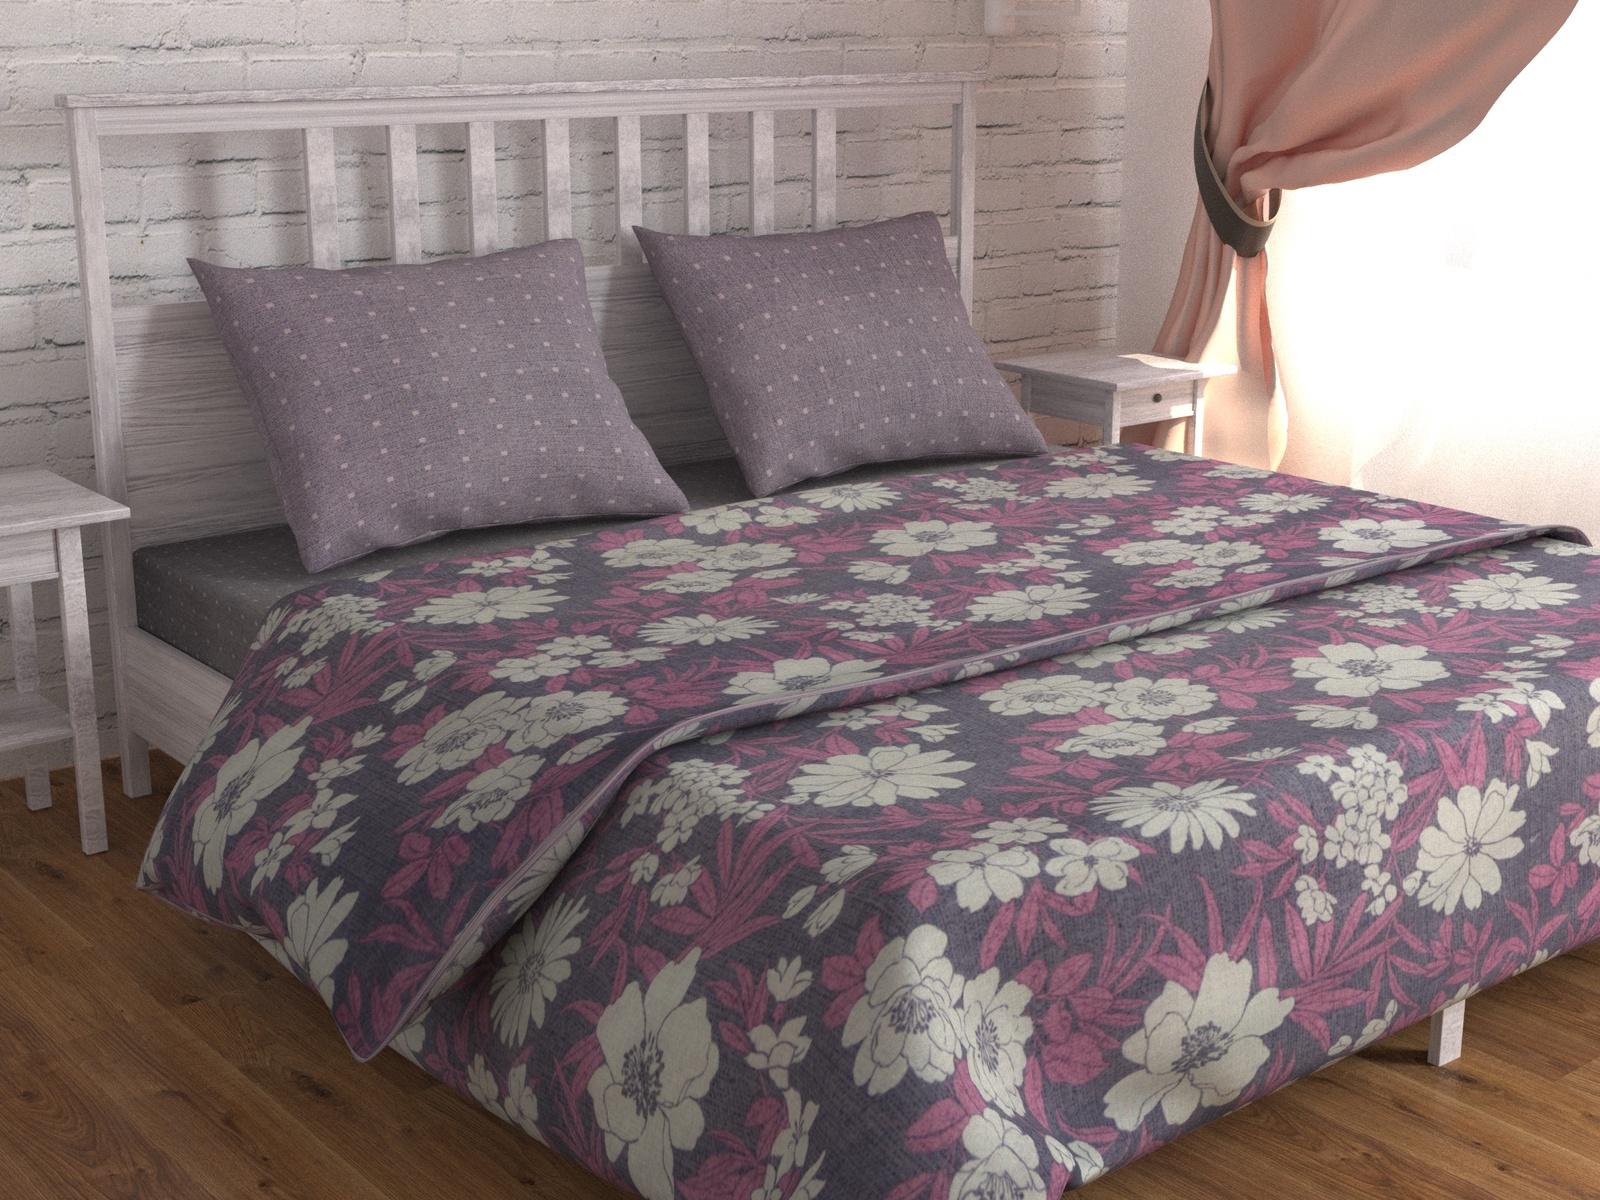 цена Постельное белье Зона сна серо-голубой,розовый 177-KPB50EvB-ZS Евро онлайн в 2017 году